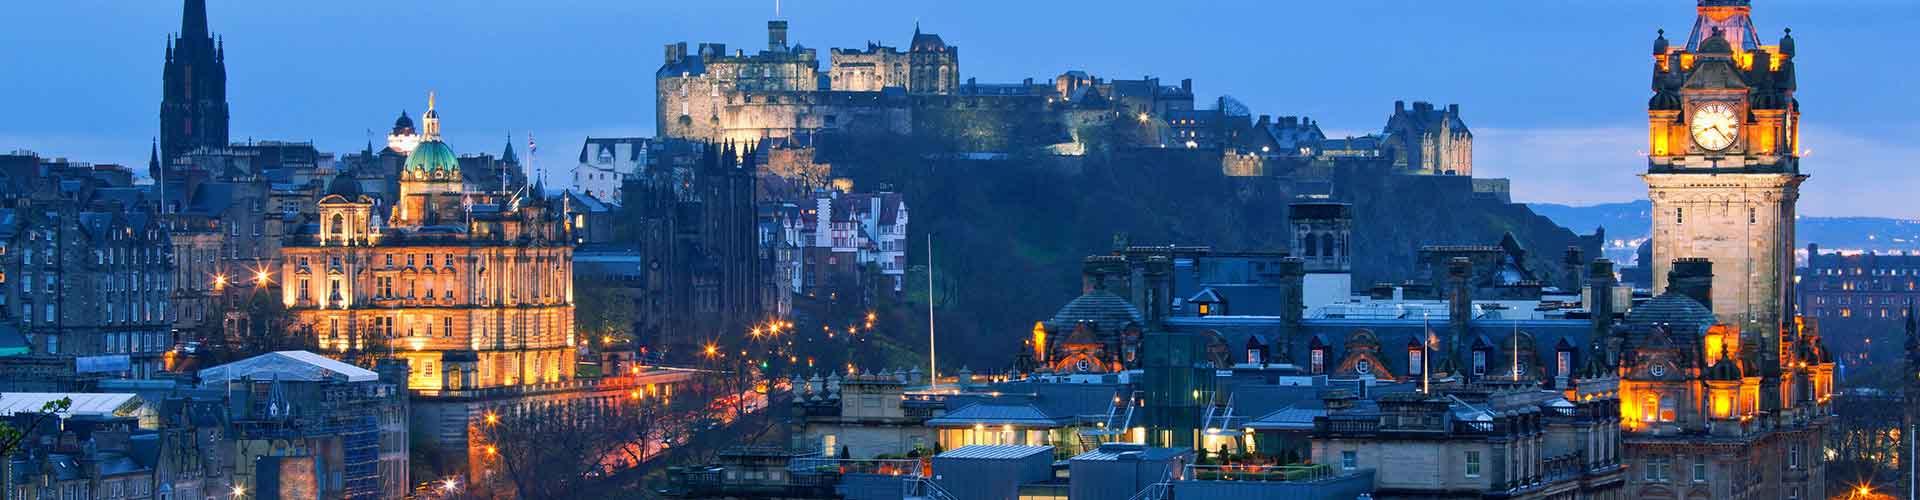 Edimbourg - Camping dans le quartier de New Town. Cartes pour Edimbourg, photos et commentaires pour chaque camping à Edimbourg.